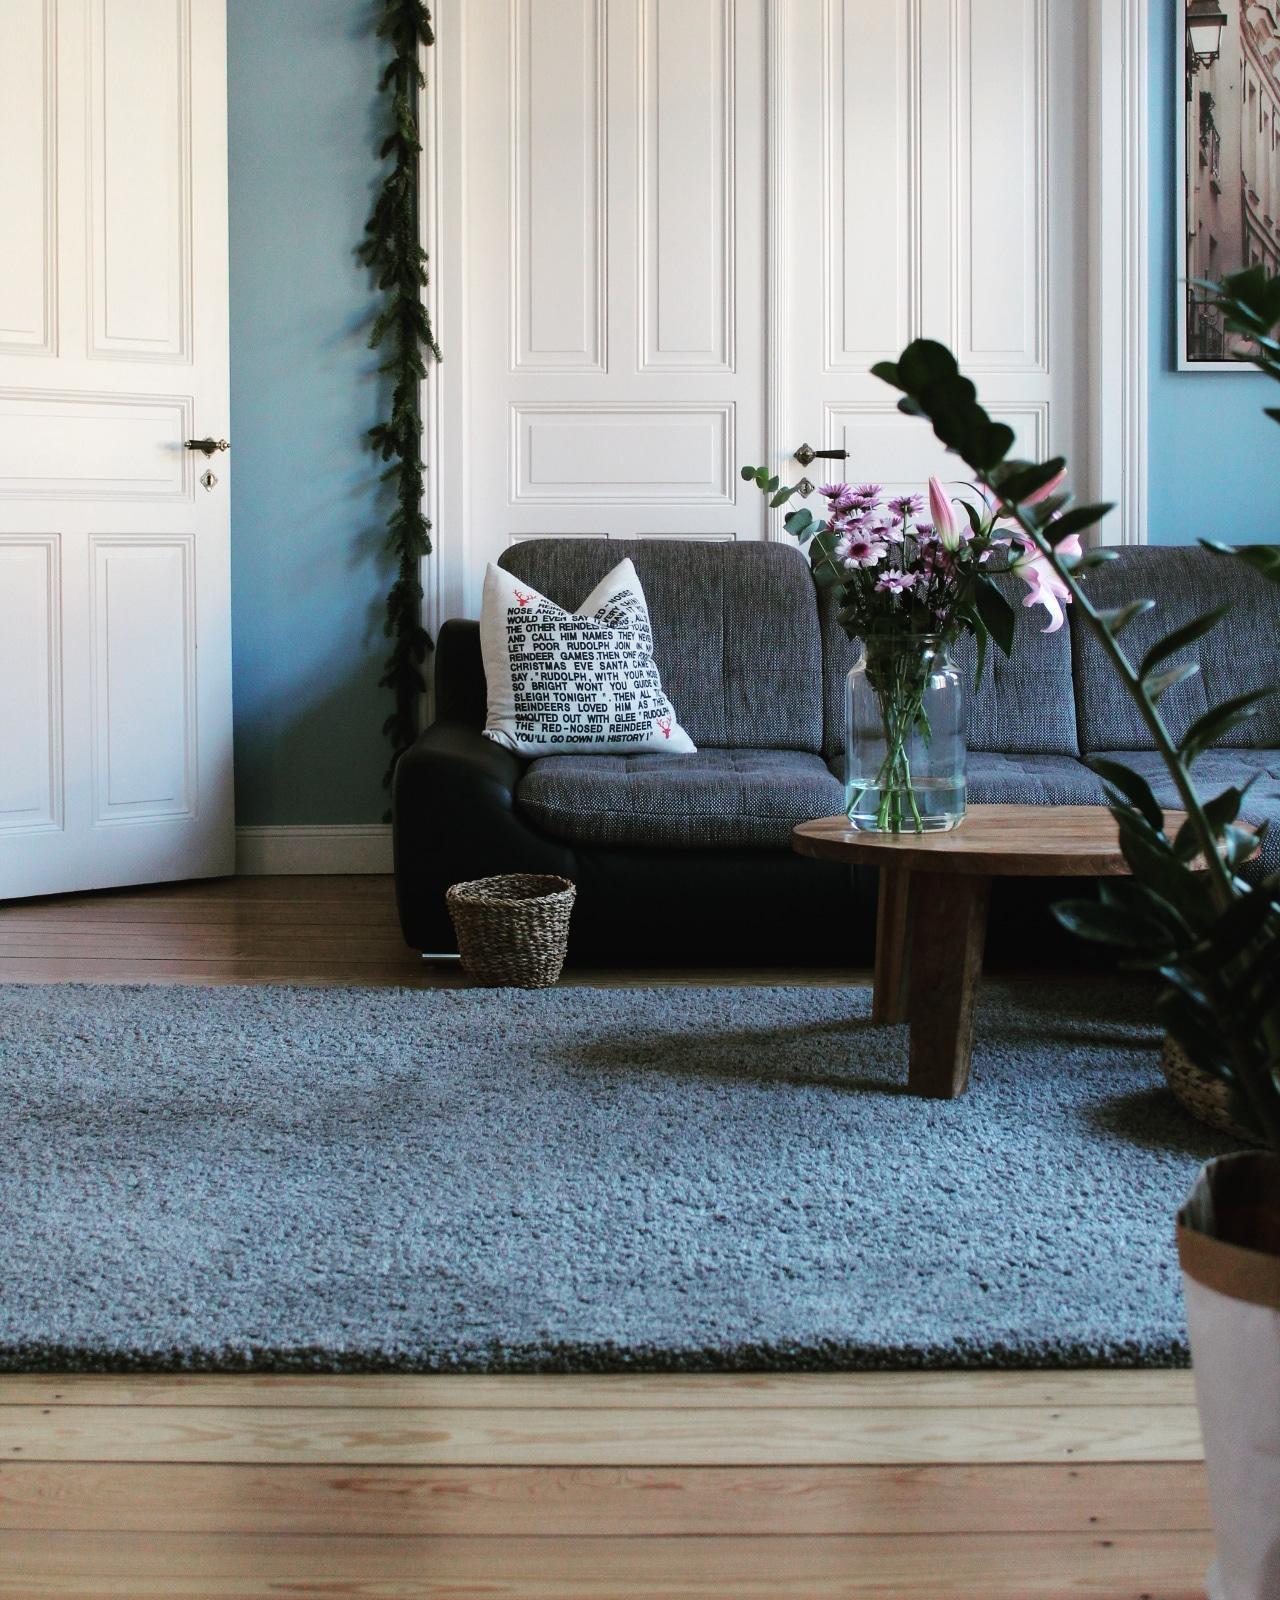 Wohnzimmer bilder lass dich inspirieren - Weihnachten wohnzimmer ...